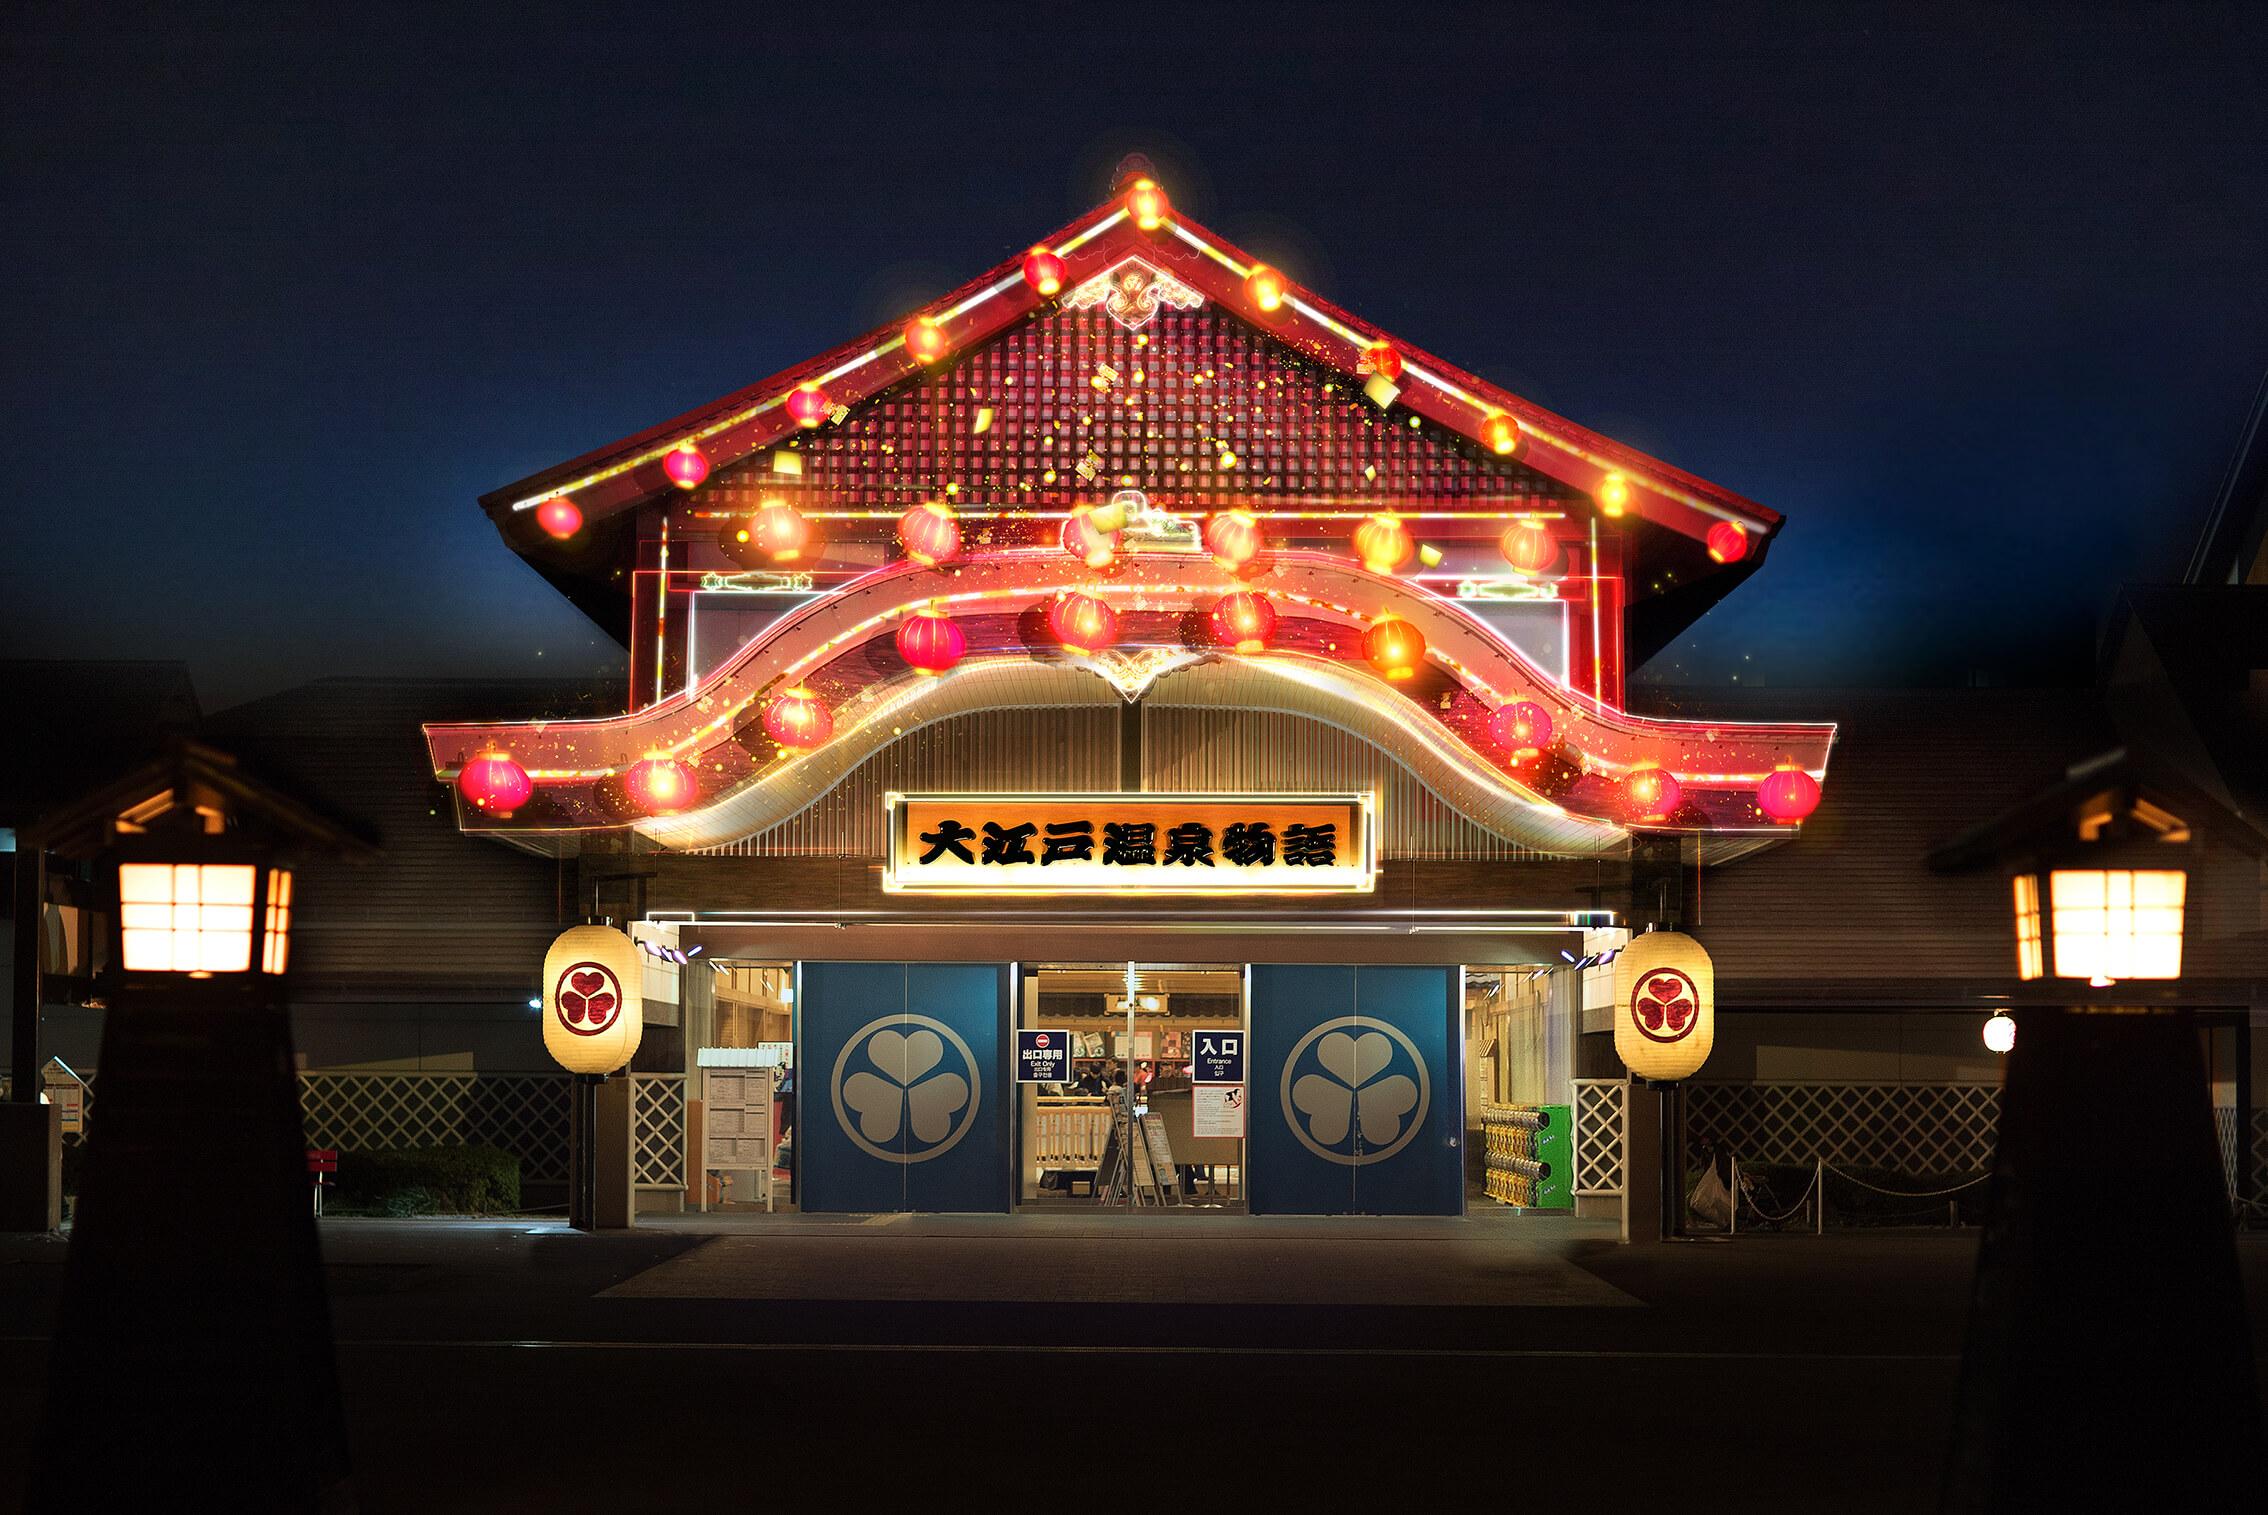 大江戶溫泉入口處搖身一變成為江戶祭典空間!帶來光雕投影演表演 在台場、溫泉、